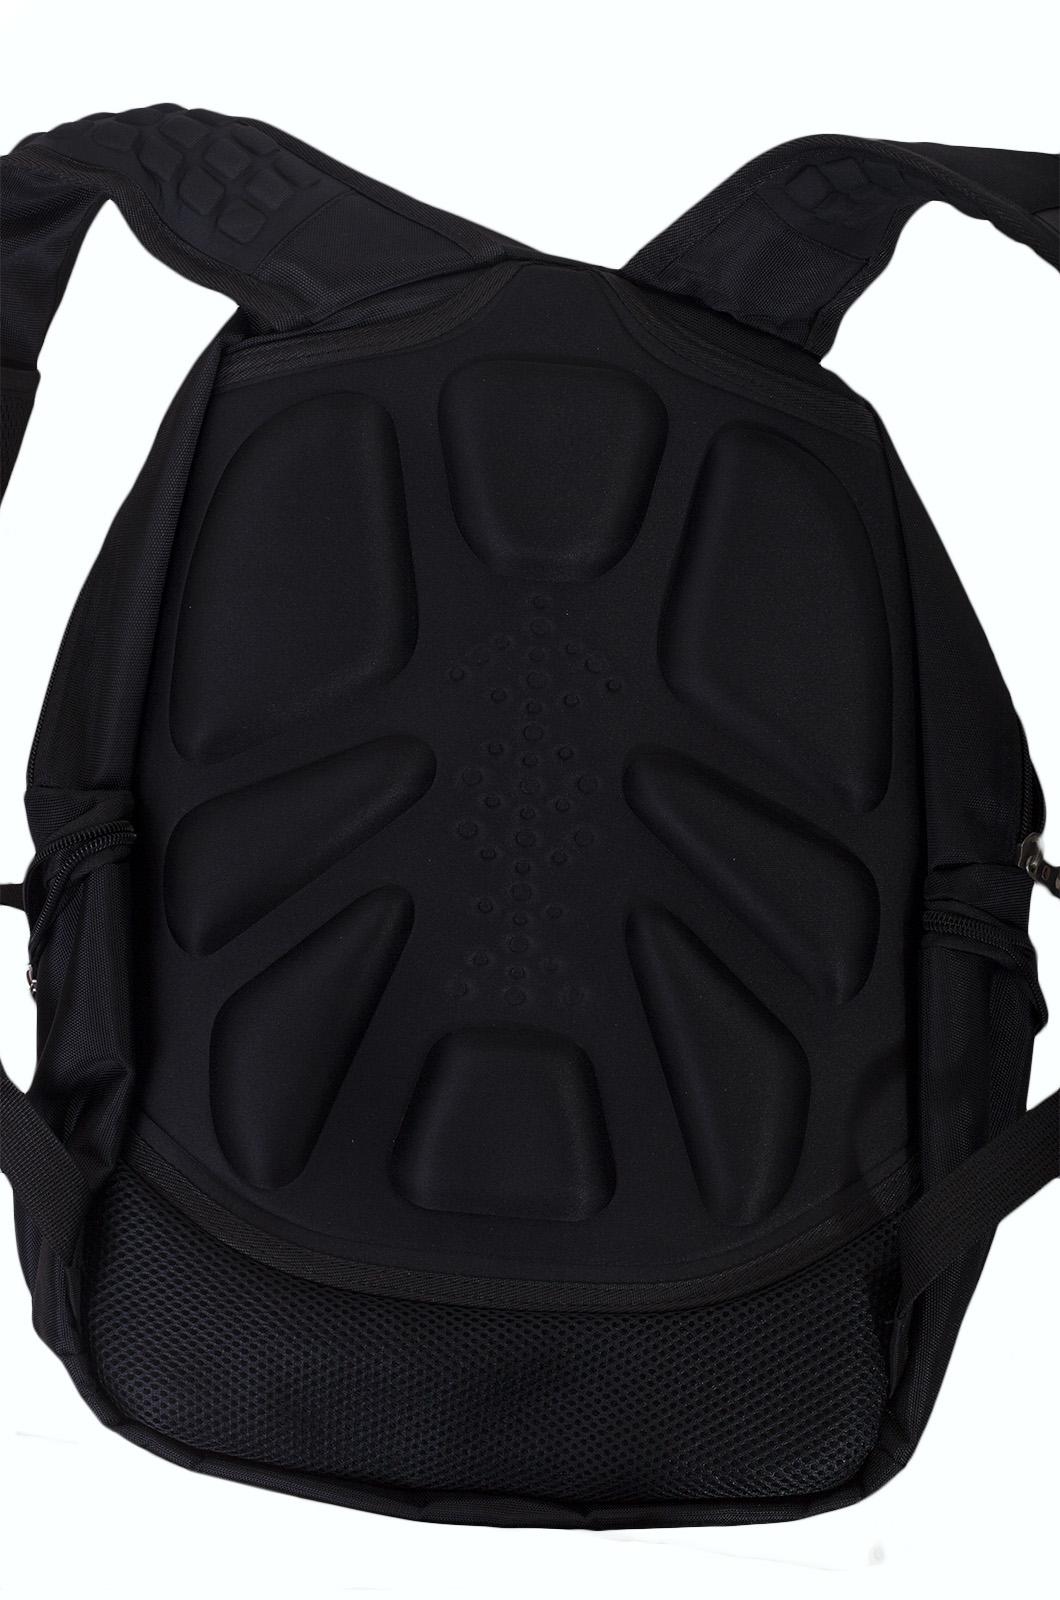 Мужской заплечный рюкзак с нашивкой Пограничных войск купить оптом